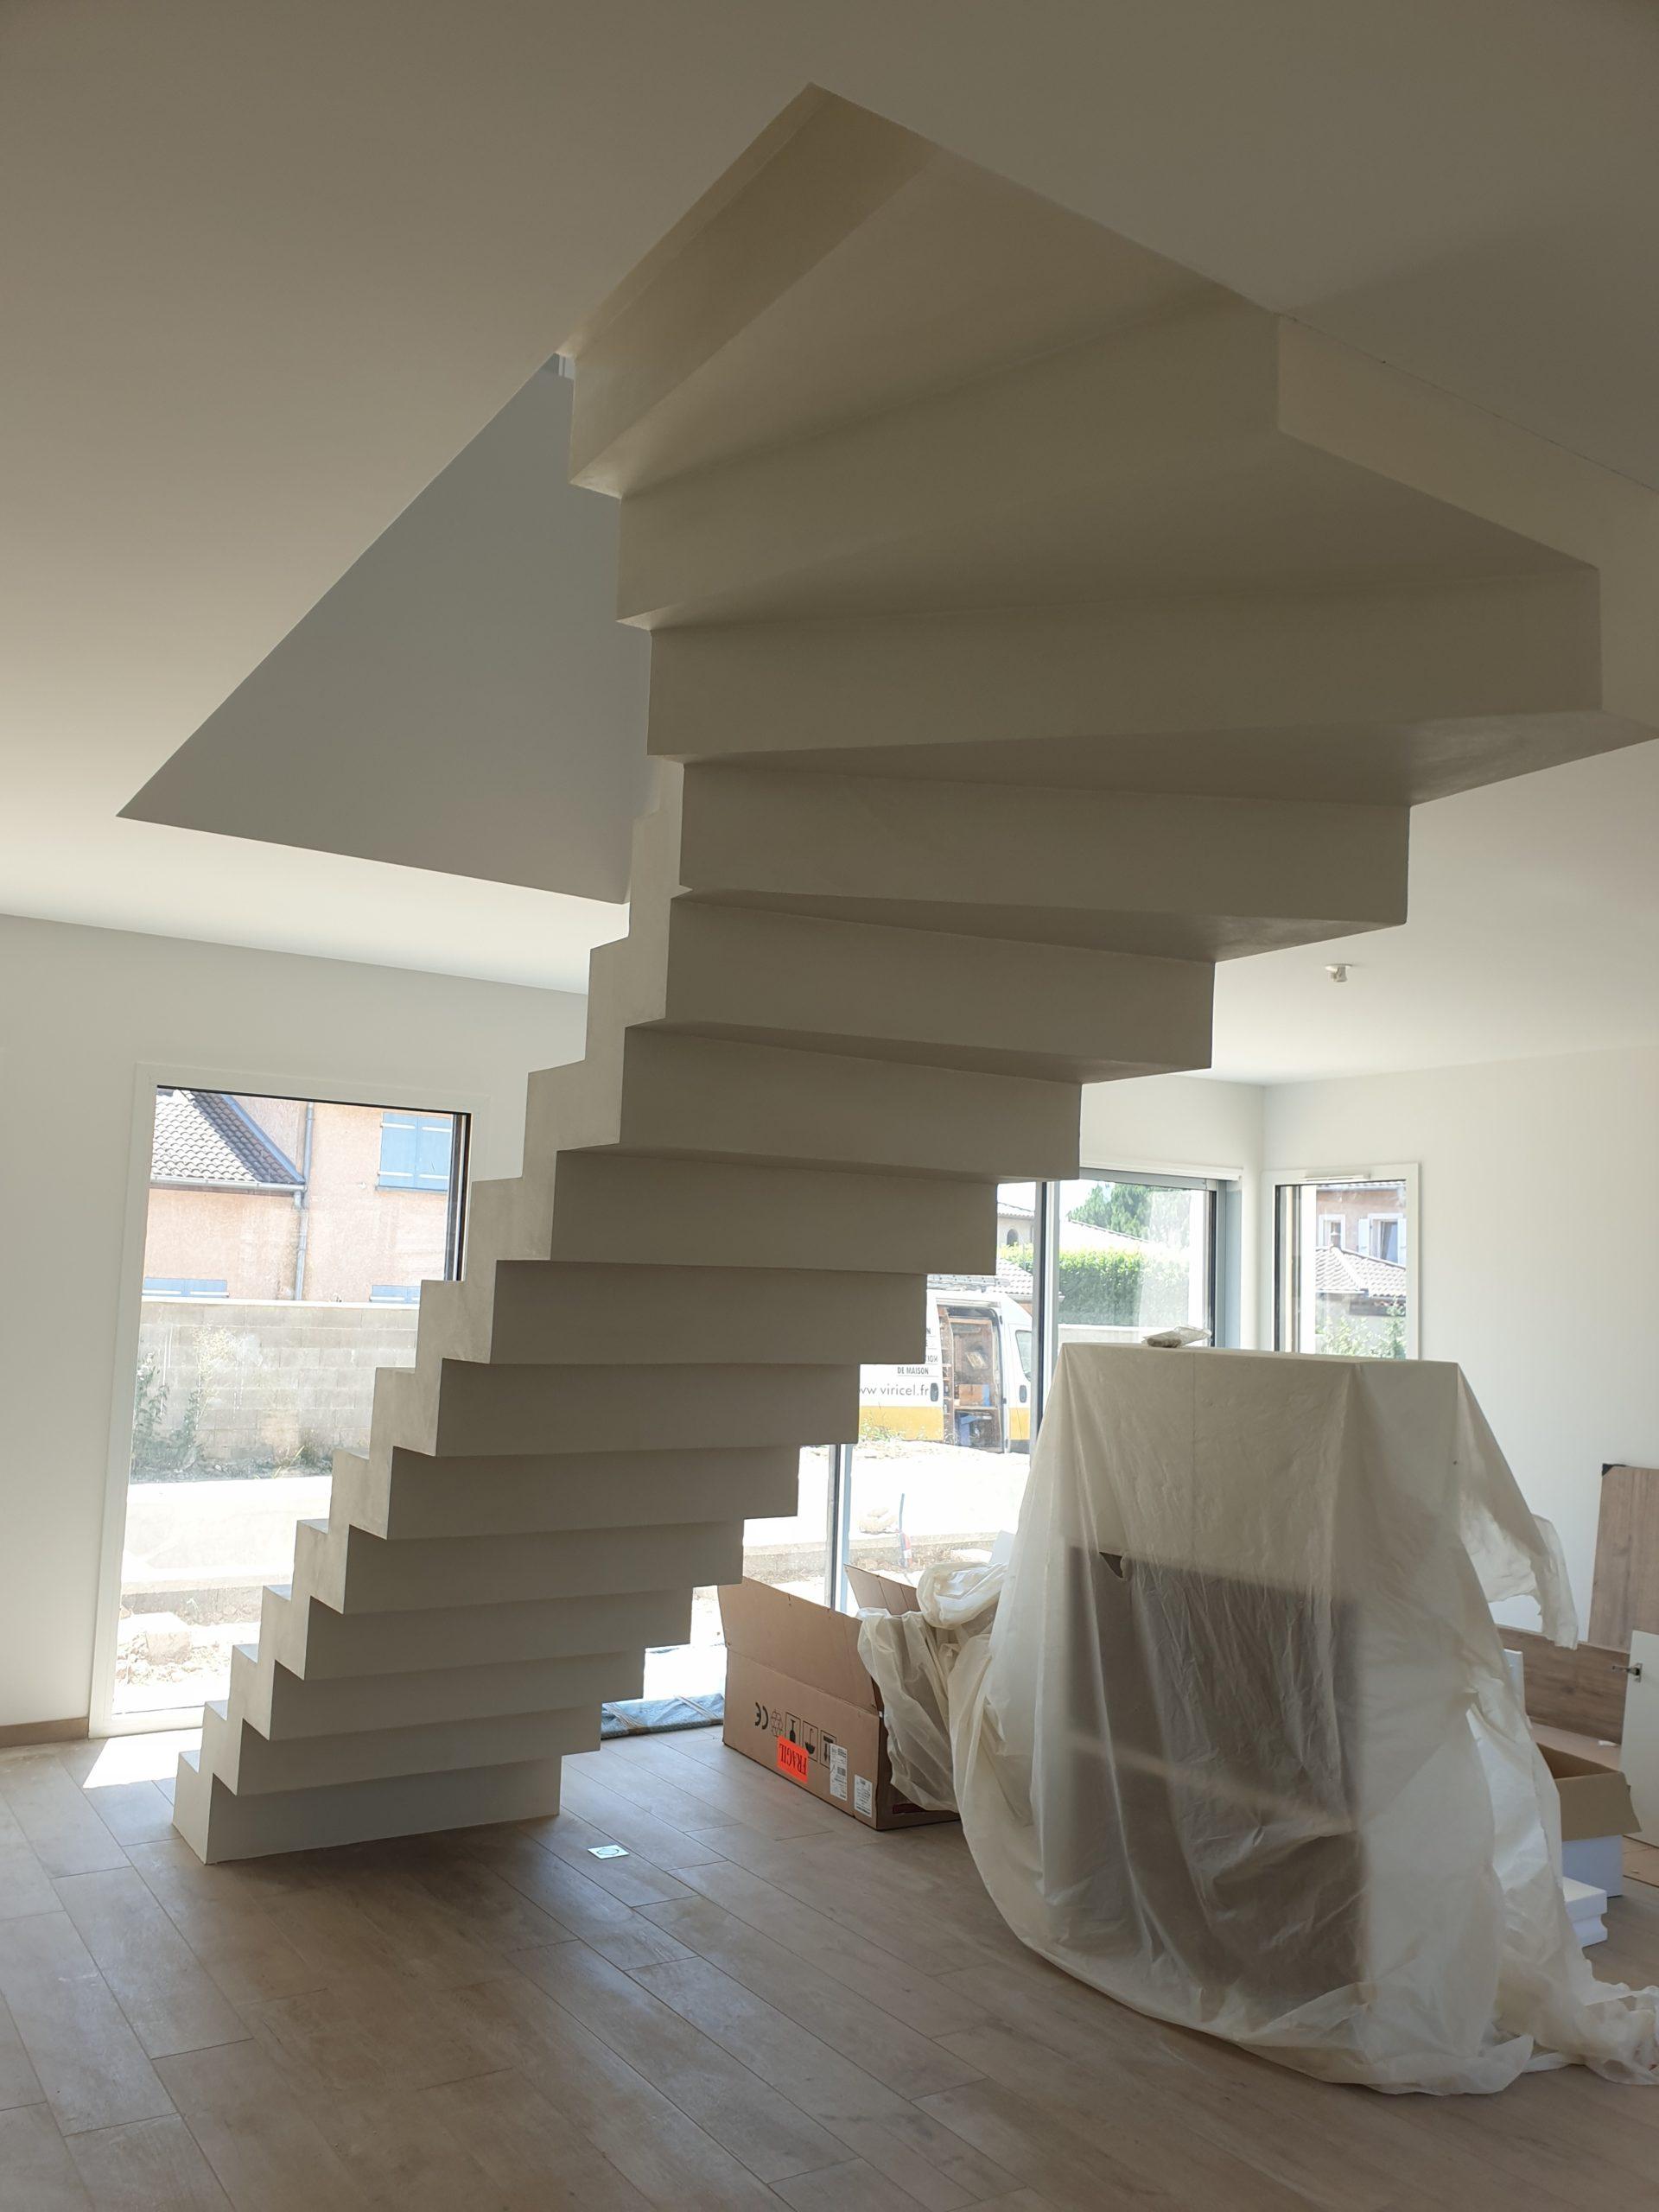 Escalier complètement recouvert de beton ciré